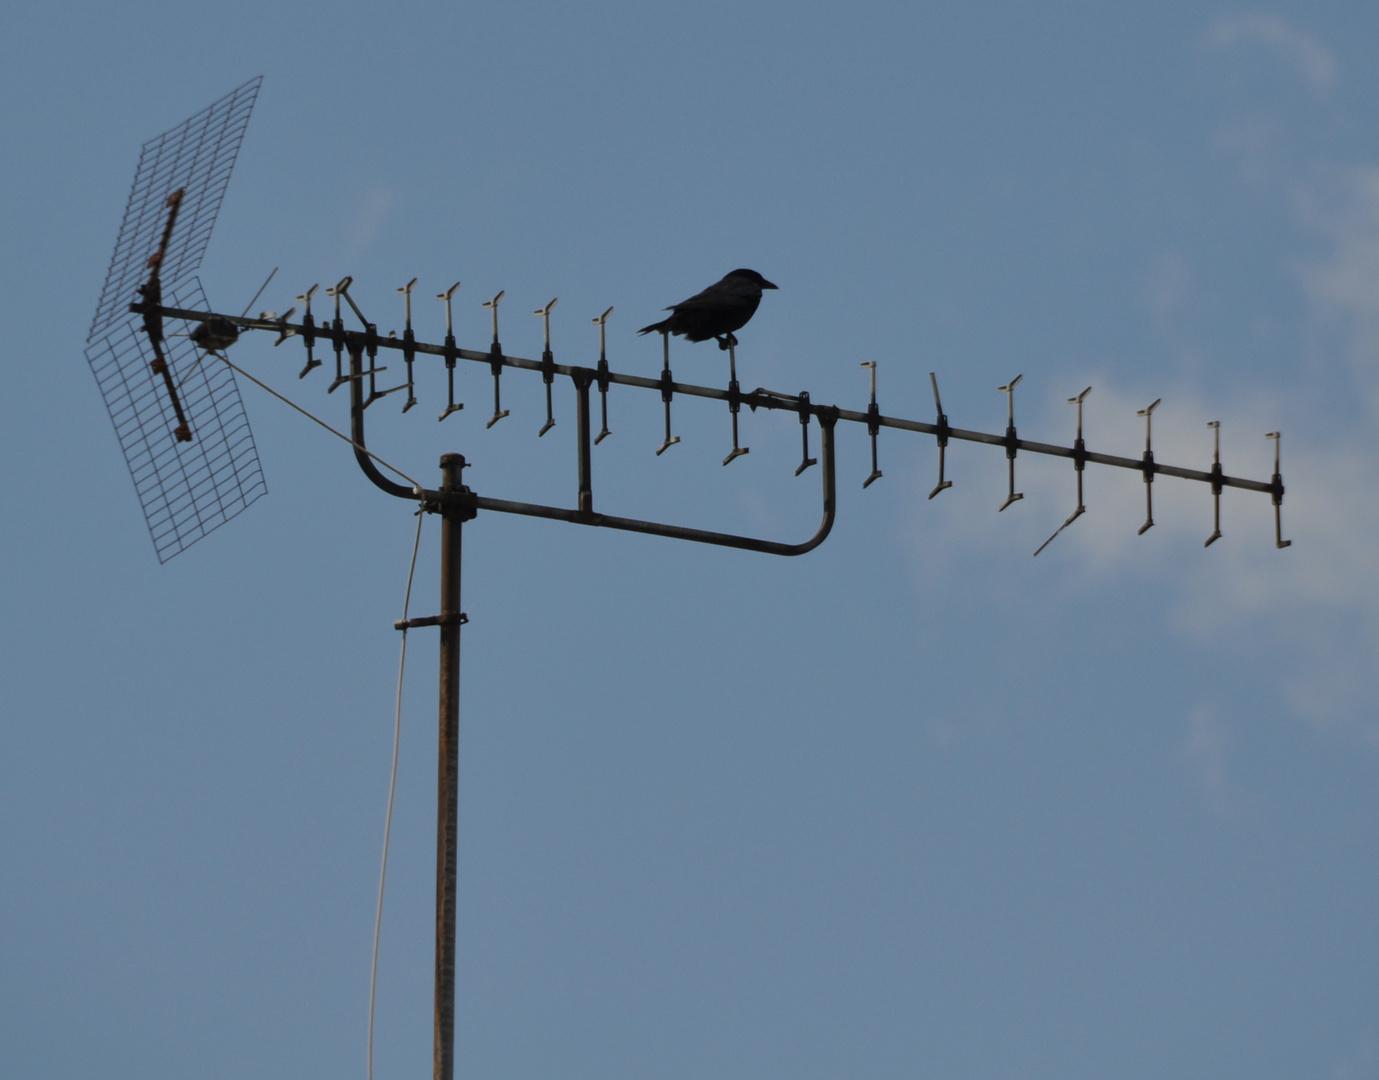 Vogelstimmen von der Antenne